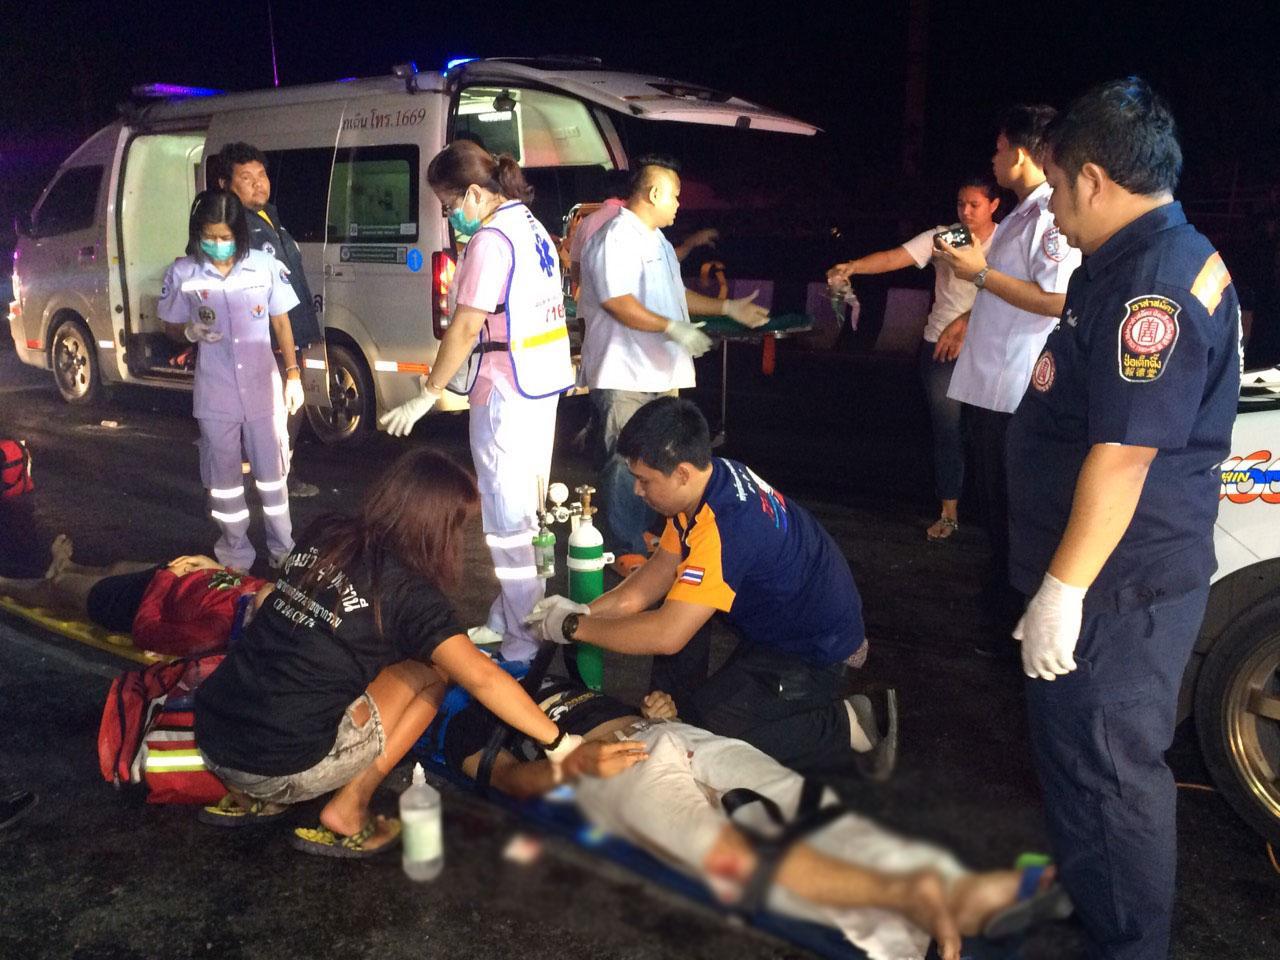 เจ้าหน้าที่ช่วยกันปฐมพยาบาลเบื้องต้นแก่ผู้บาดเจ็บในที่เกิดเหตุ